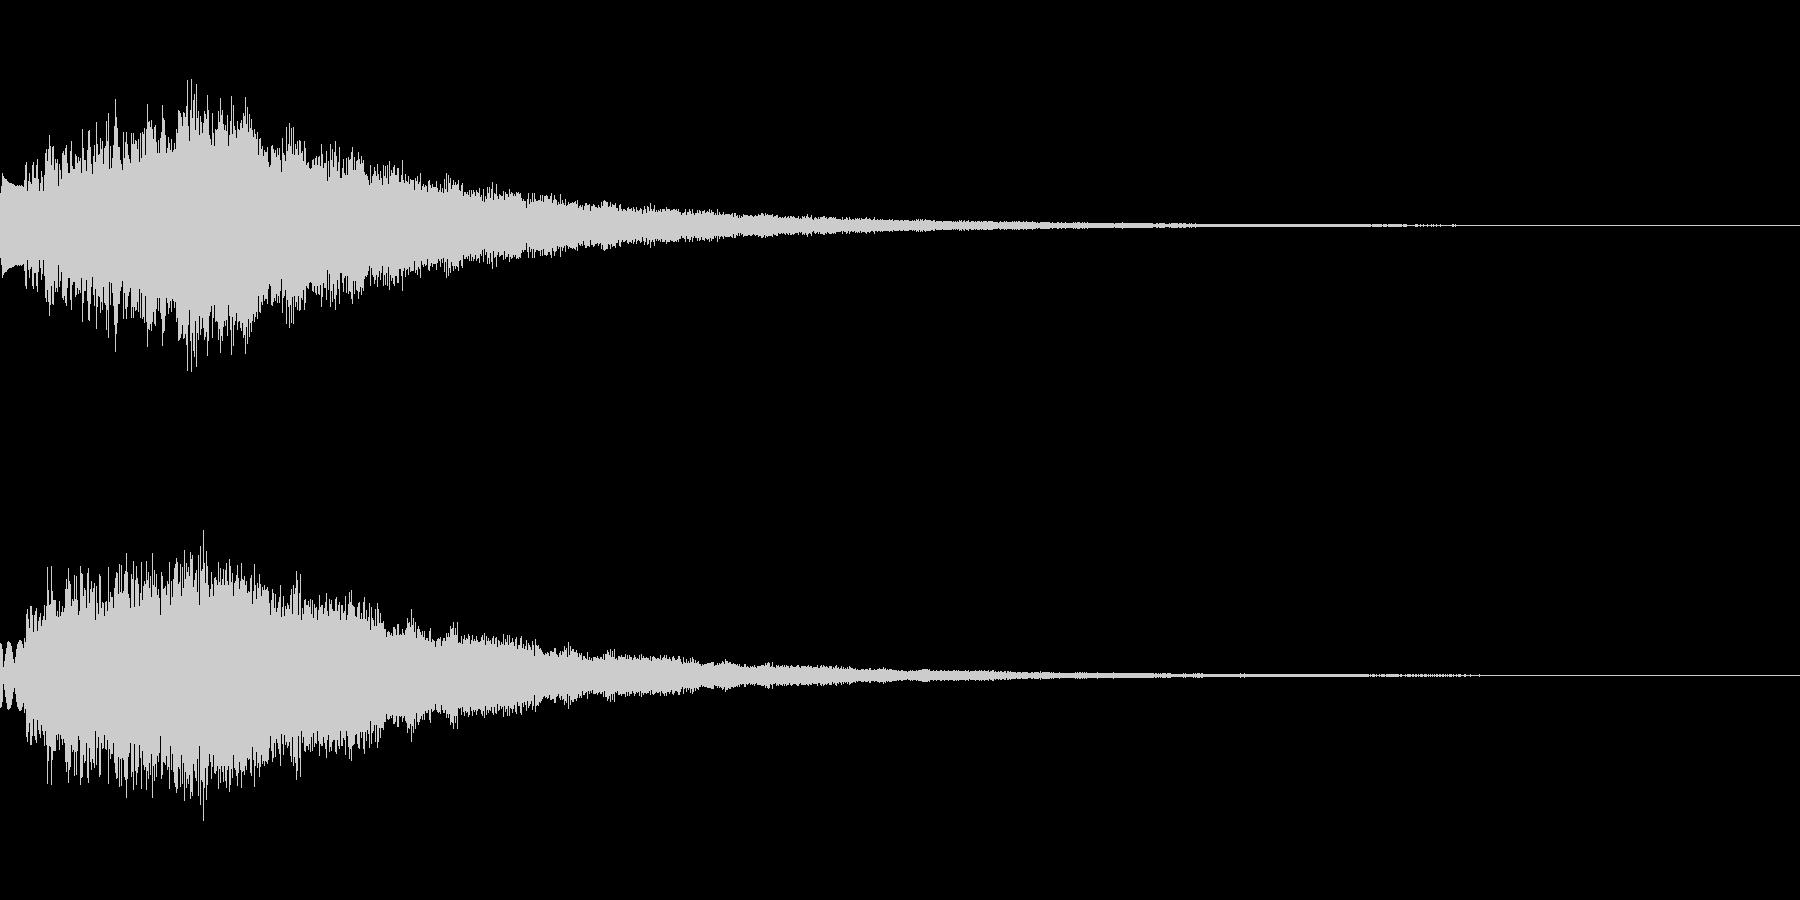 キラキラ シャララーン アイキャッチ01の未再生の波形